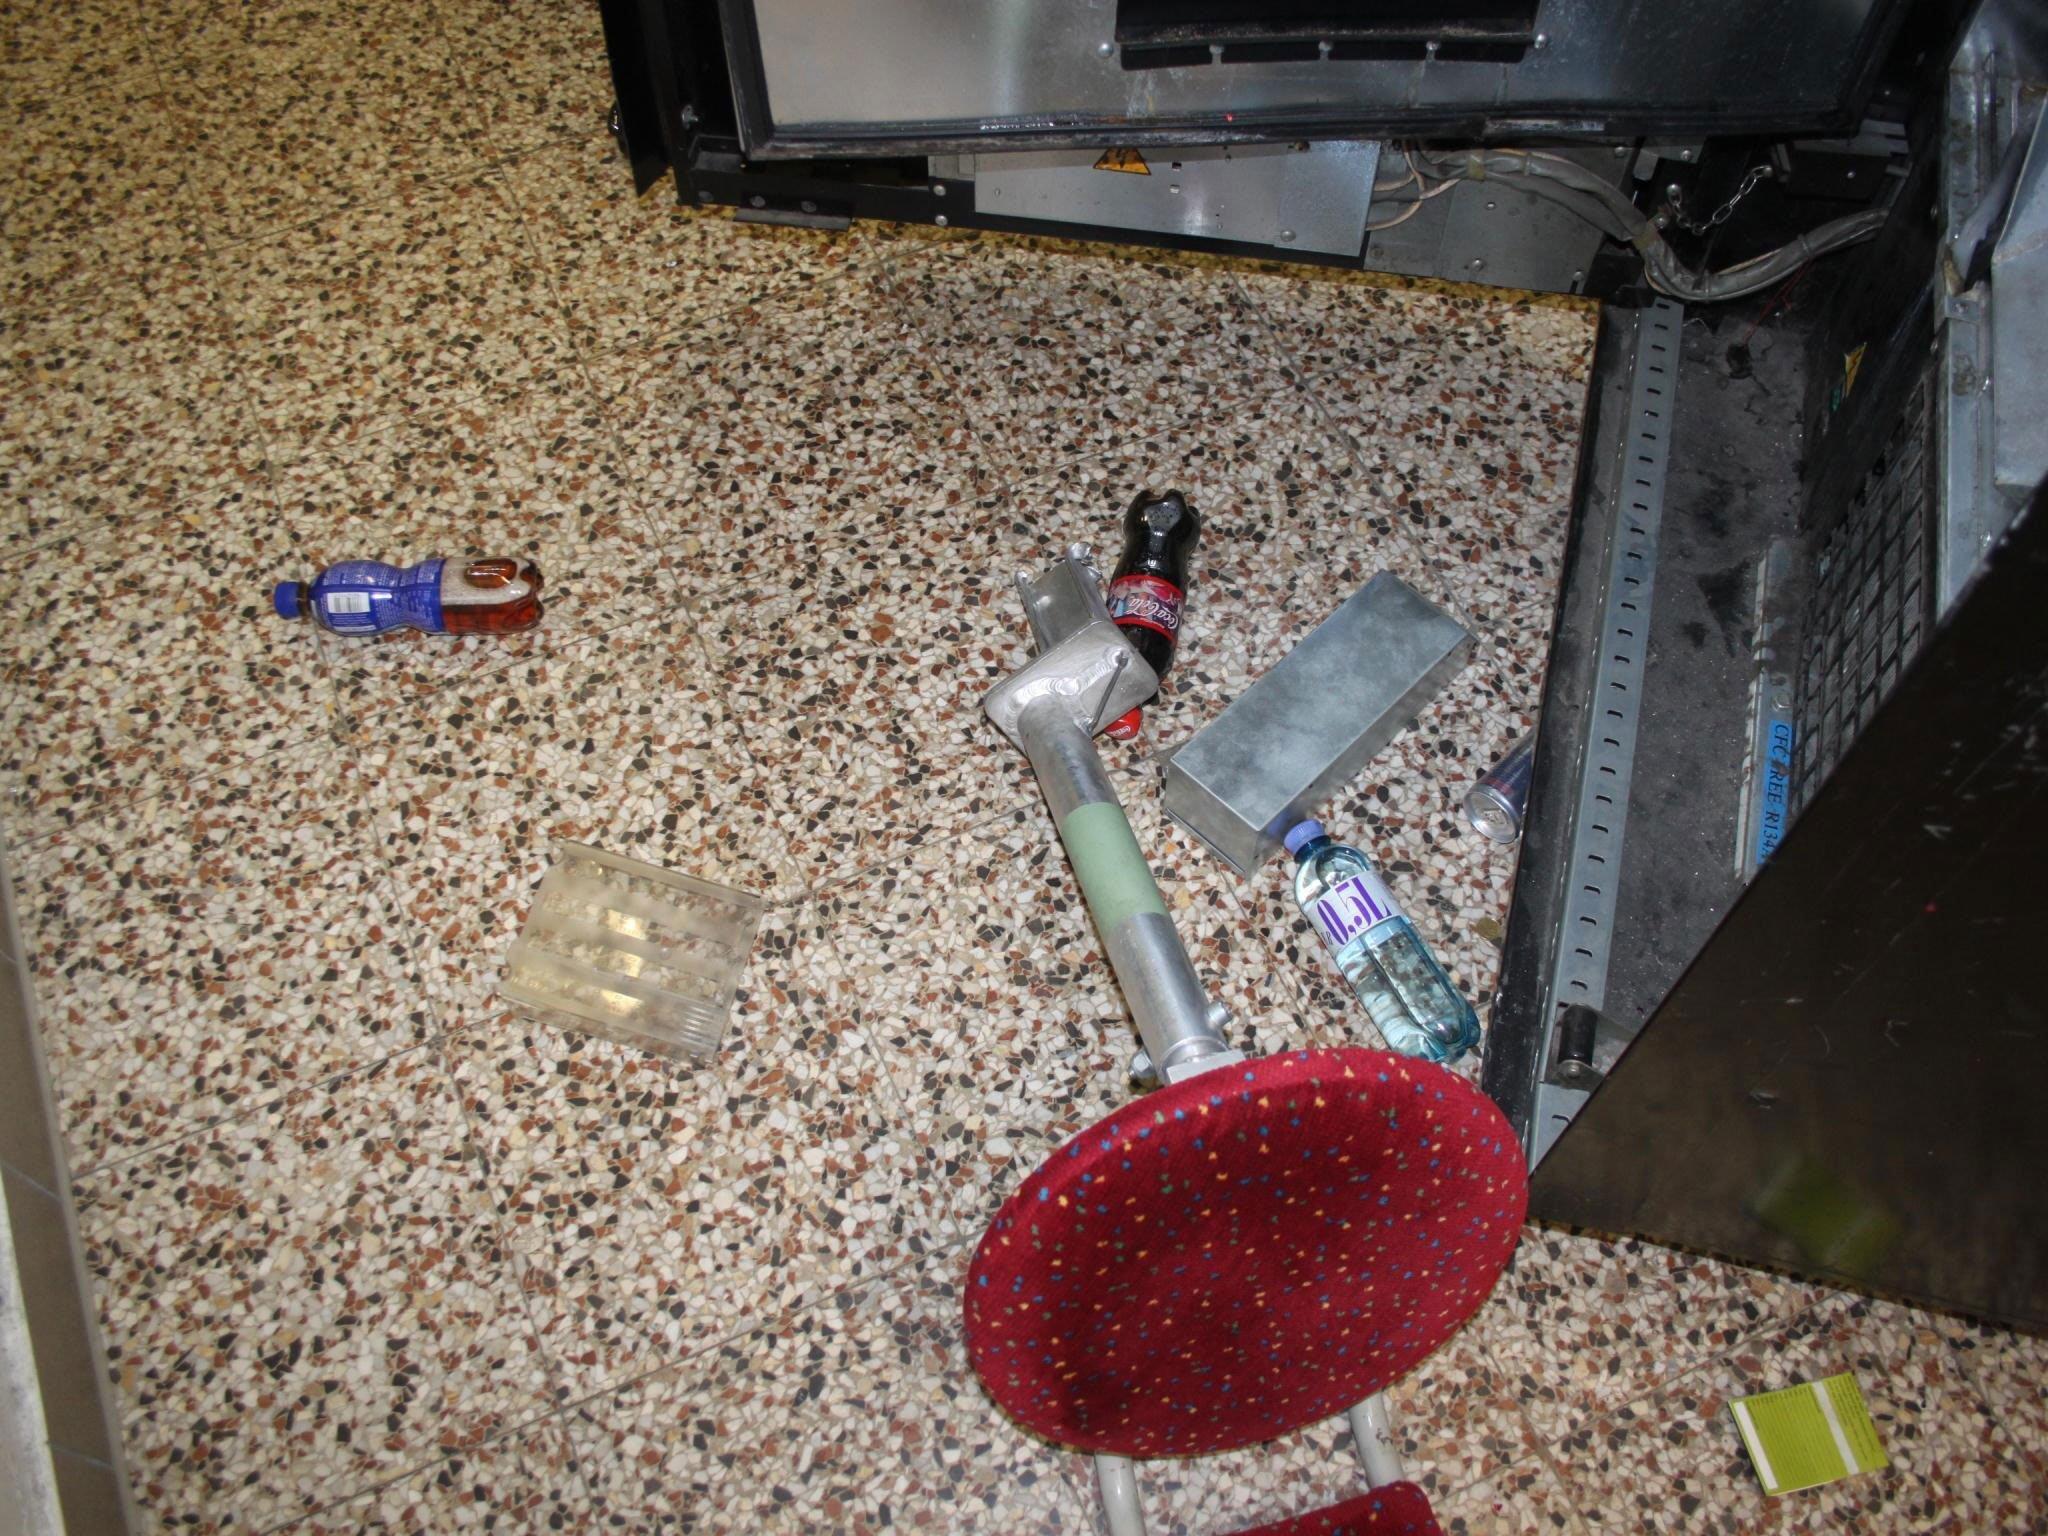 Der Einbrecher brach in dem Wiener Linien-Aufenthaltsraum einen Automaten auf